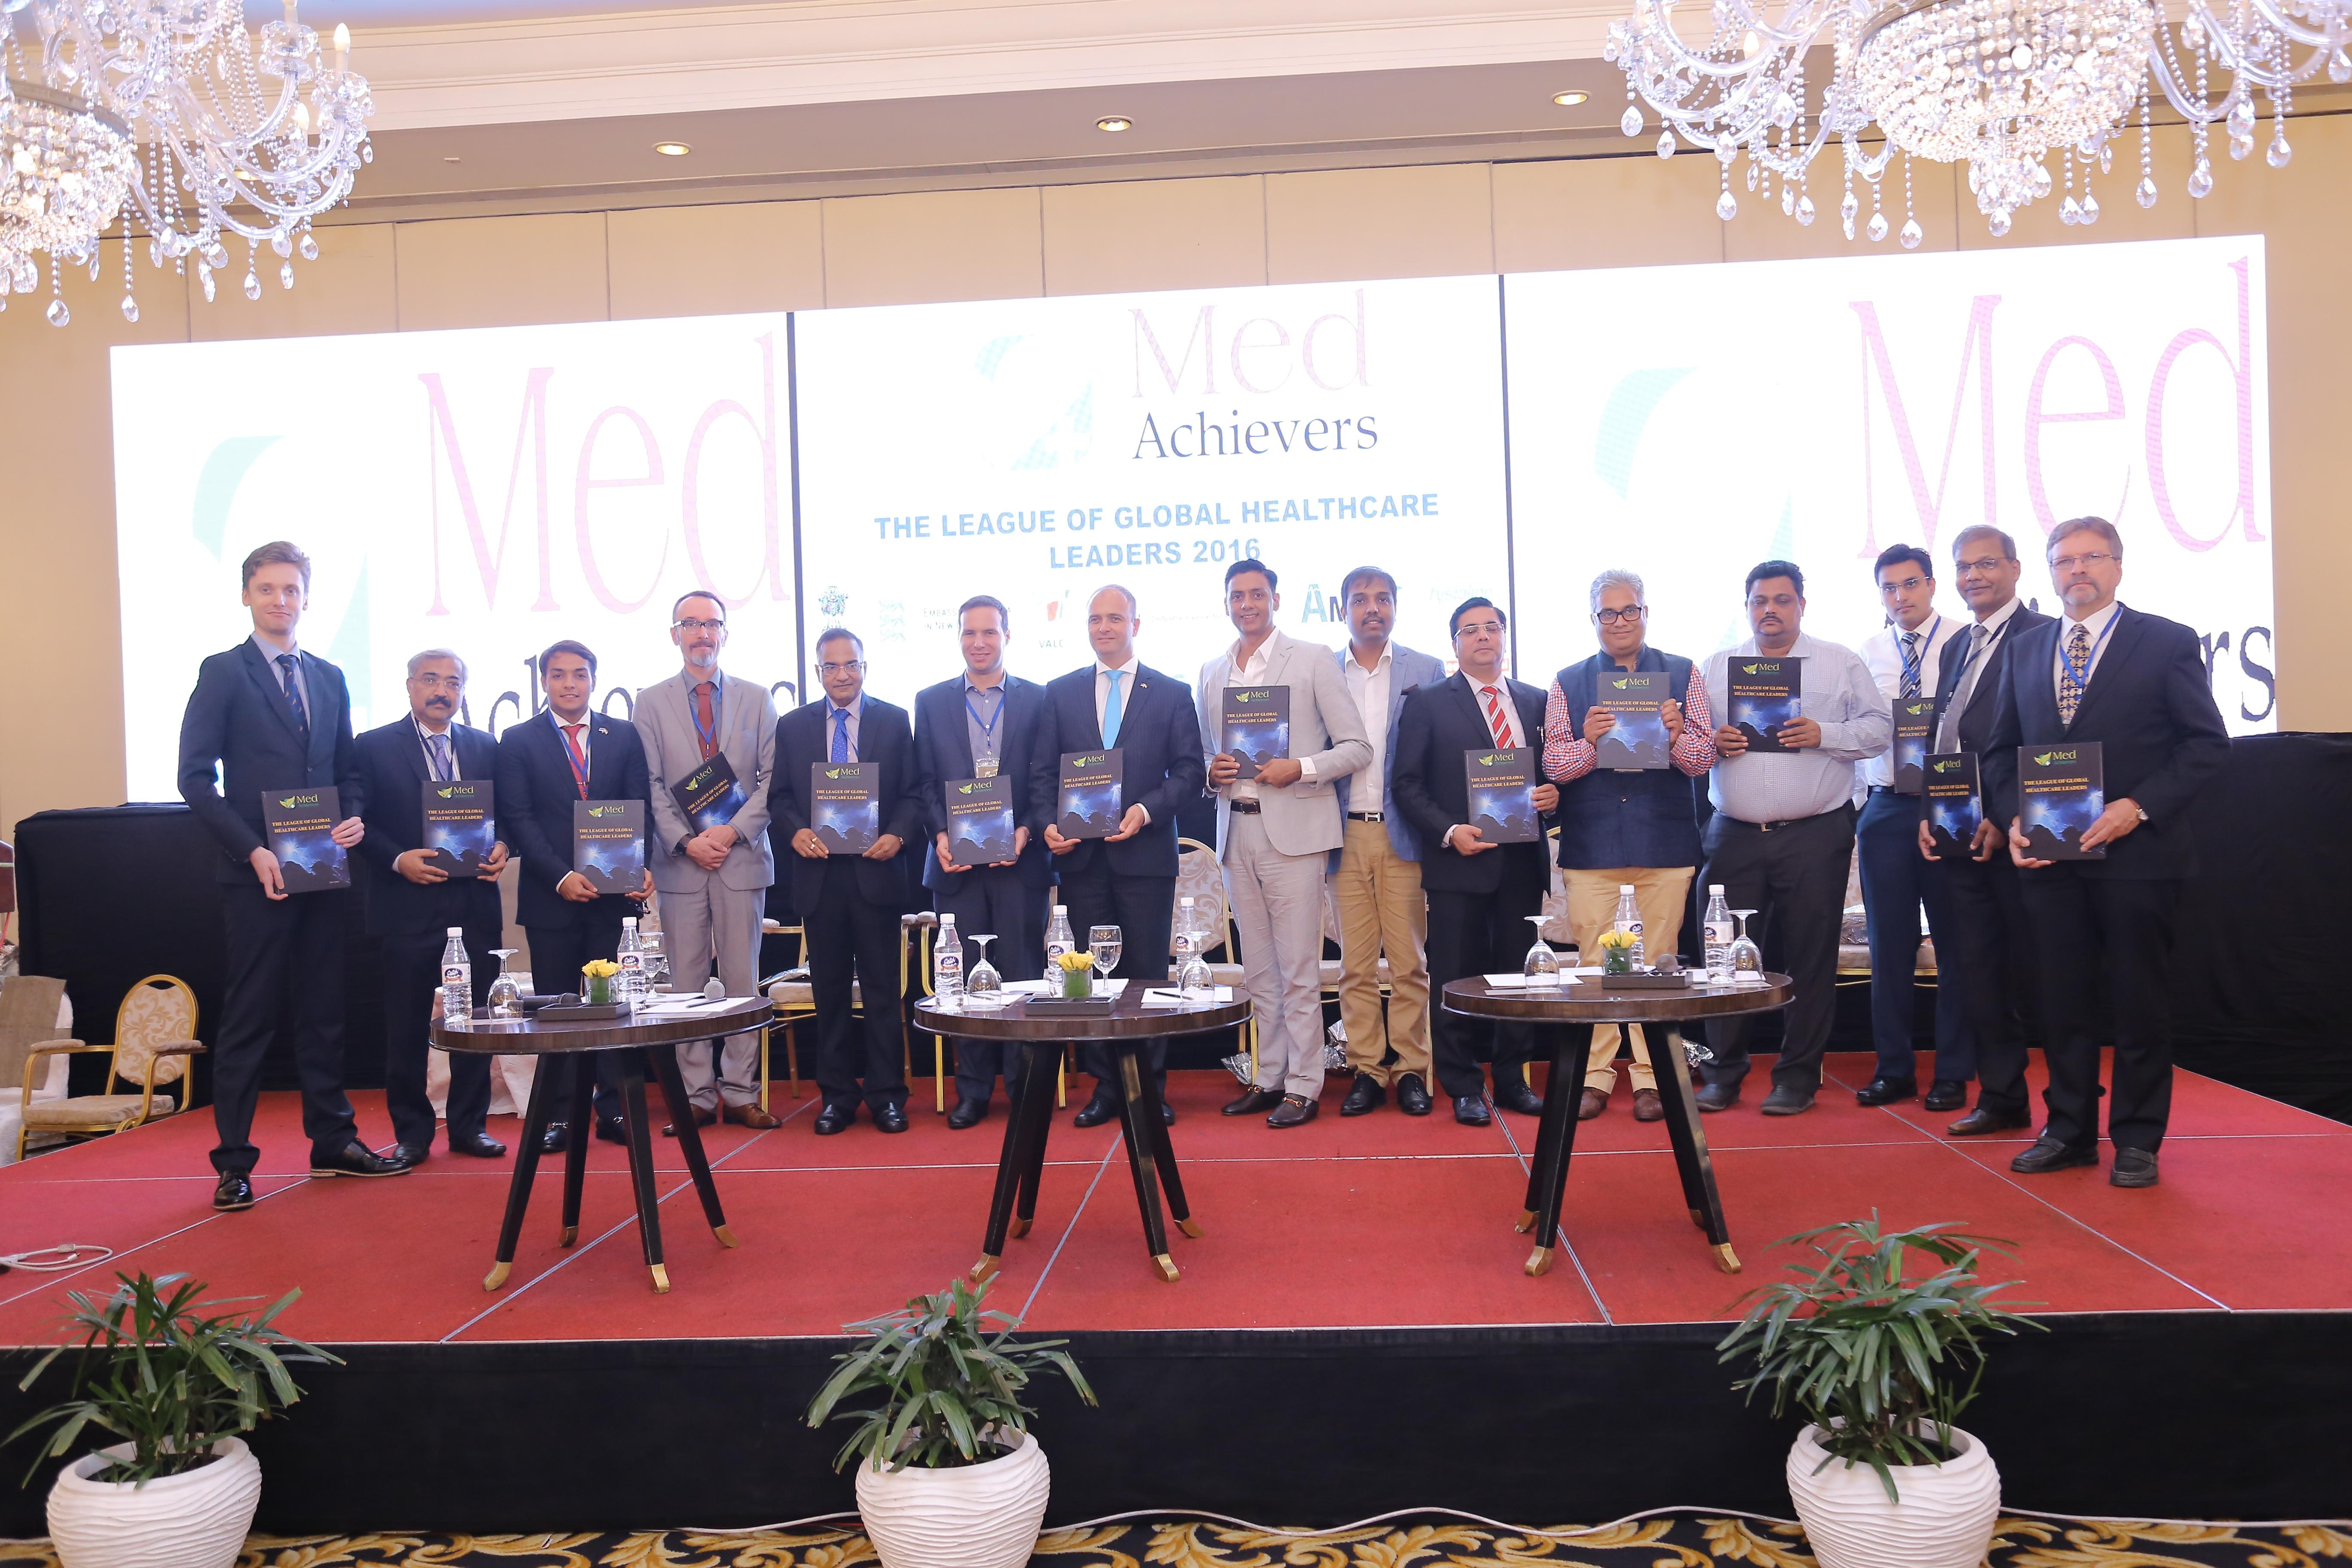 MedAchievers global leadership